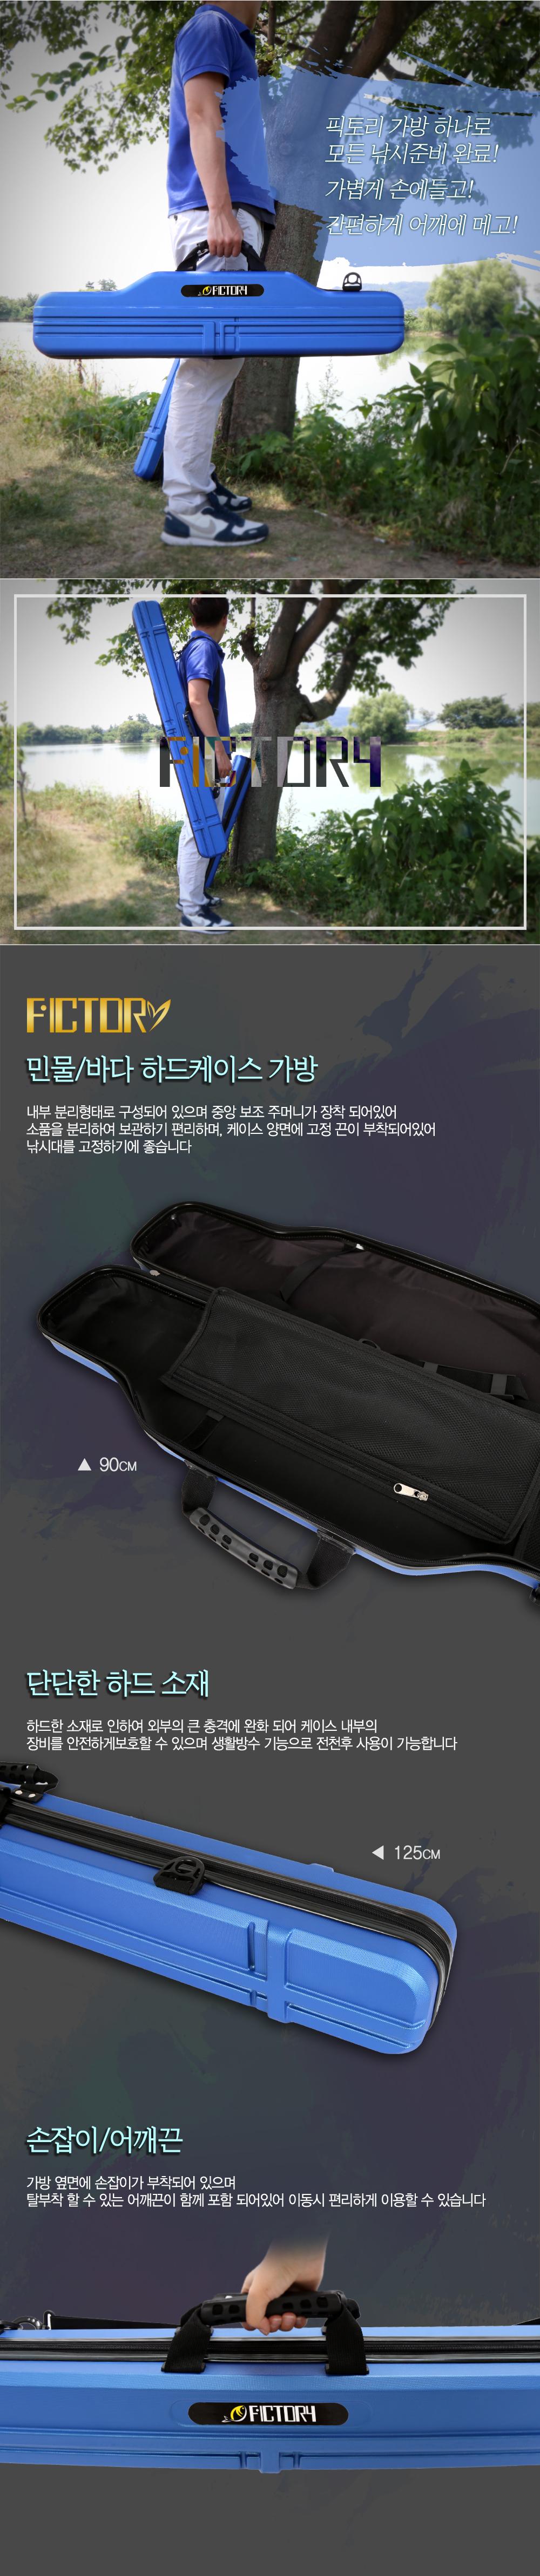 픽토리 하드케이스 가방 (2가지 사이즈) 원투가방 민물원투대가방 민물릴대가방 릴낚시가방 하드가방 로드케이스 하드케이스